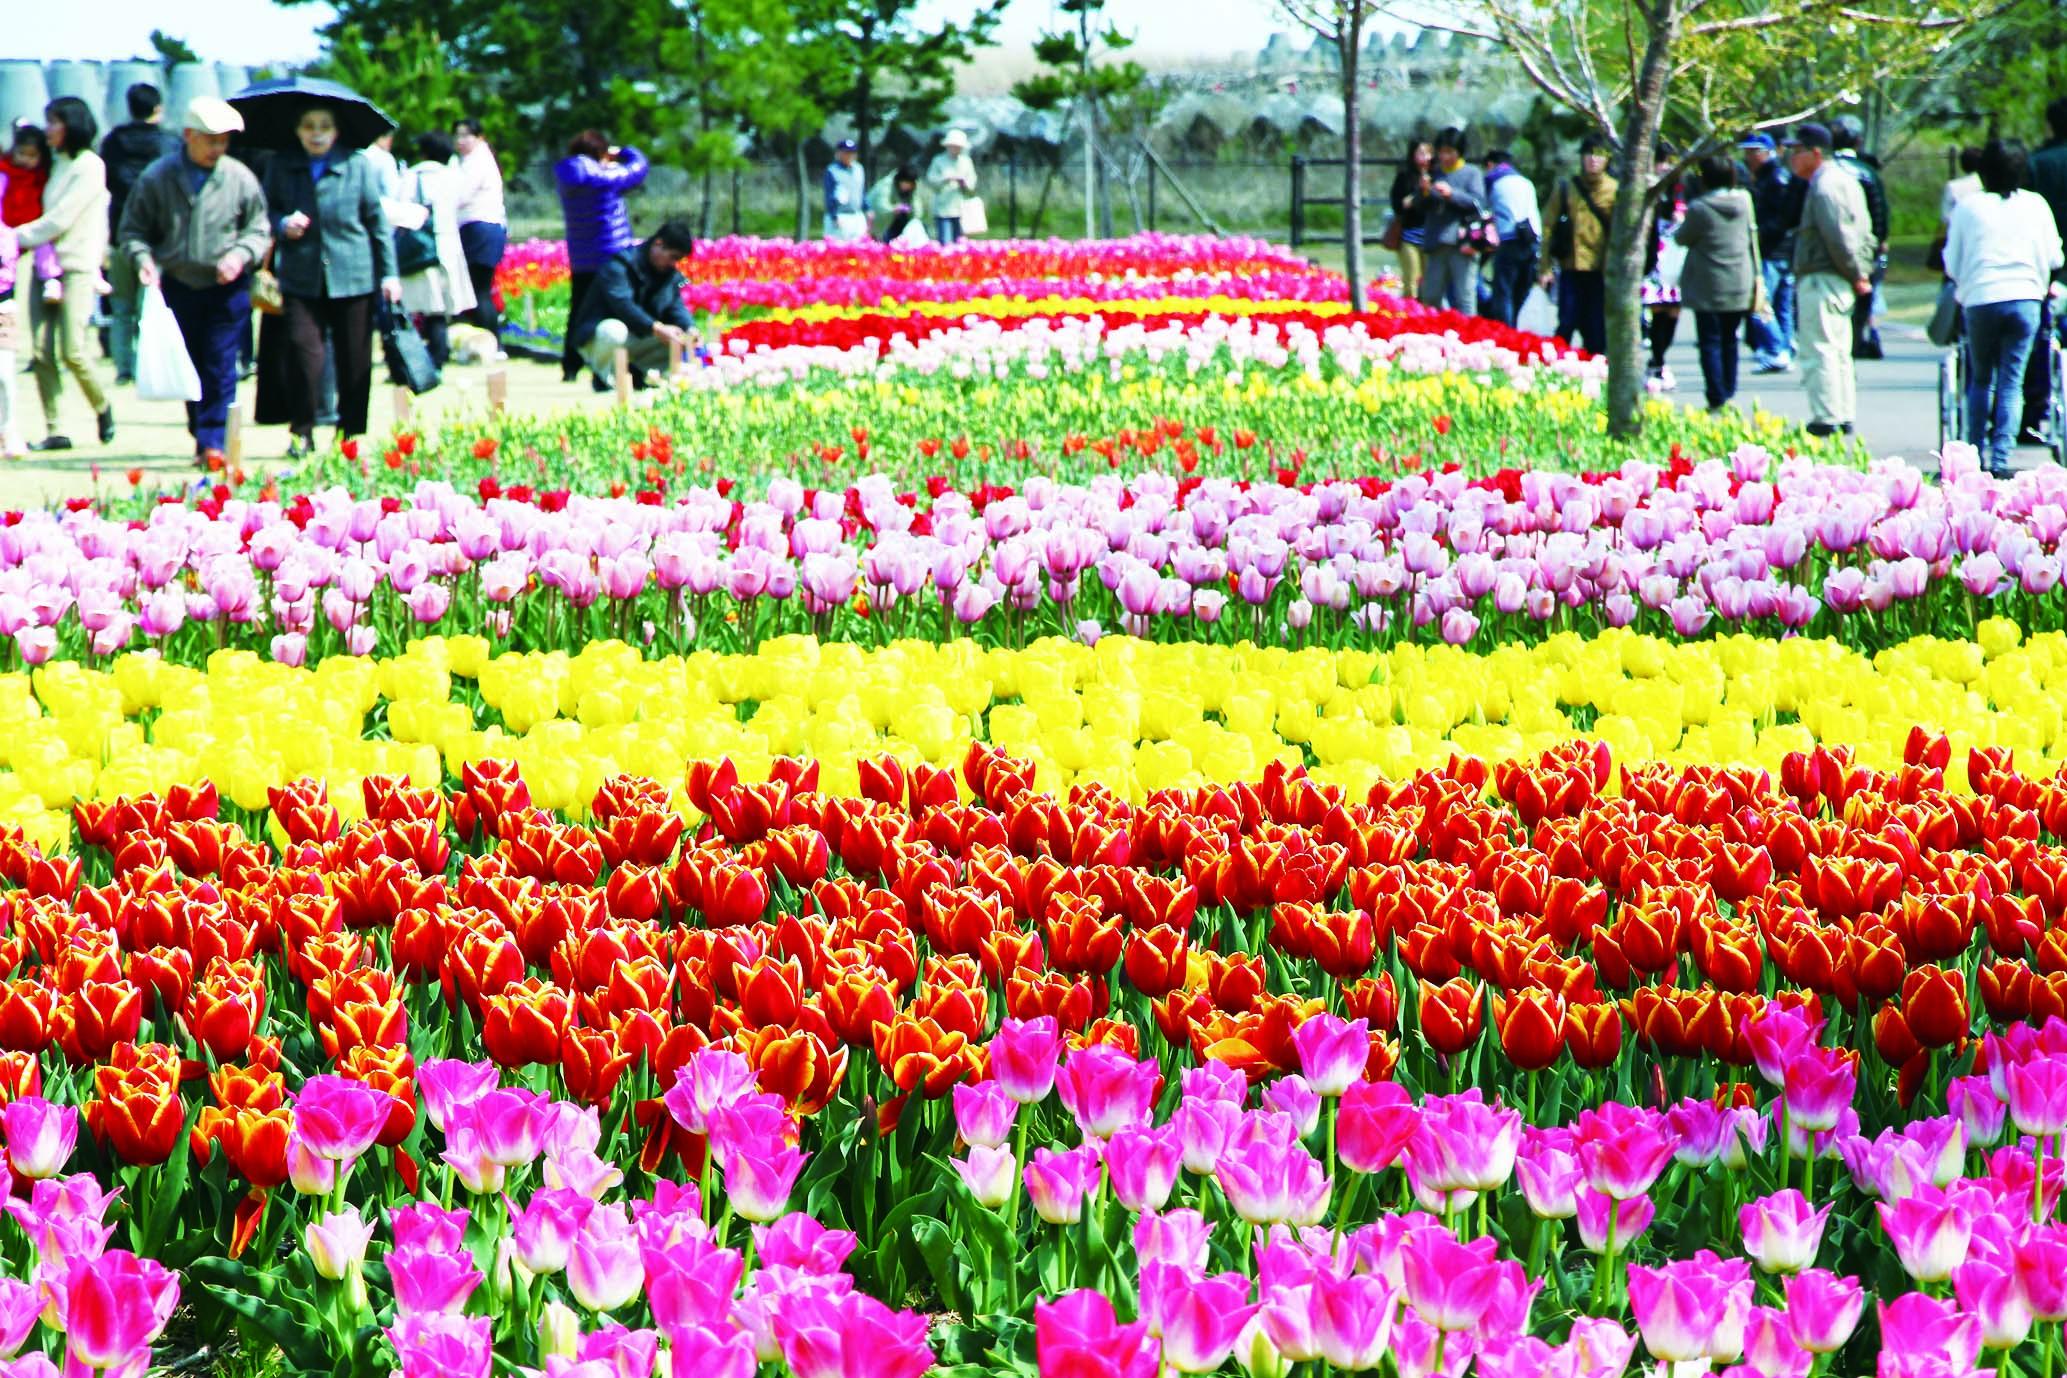 家族で一日楽しめる静岡県営吉田公園(チューリップ祭りの様子)